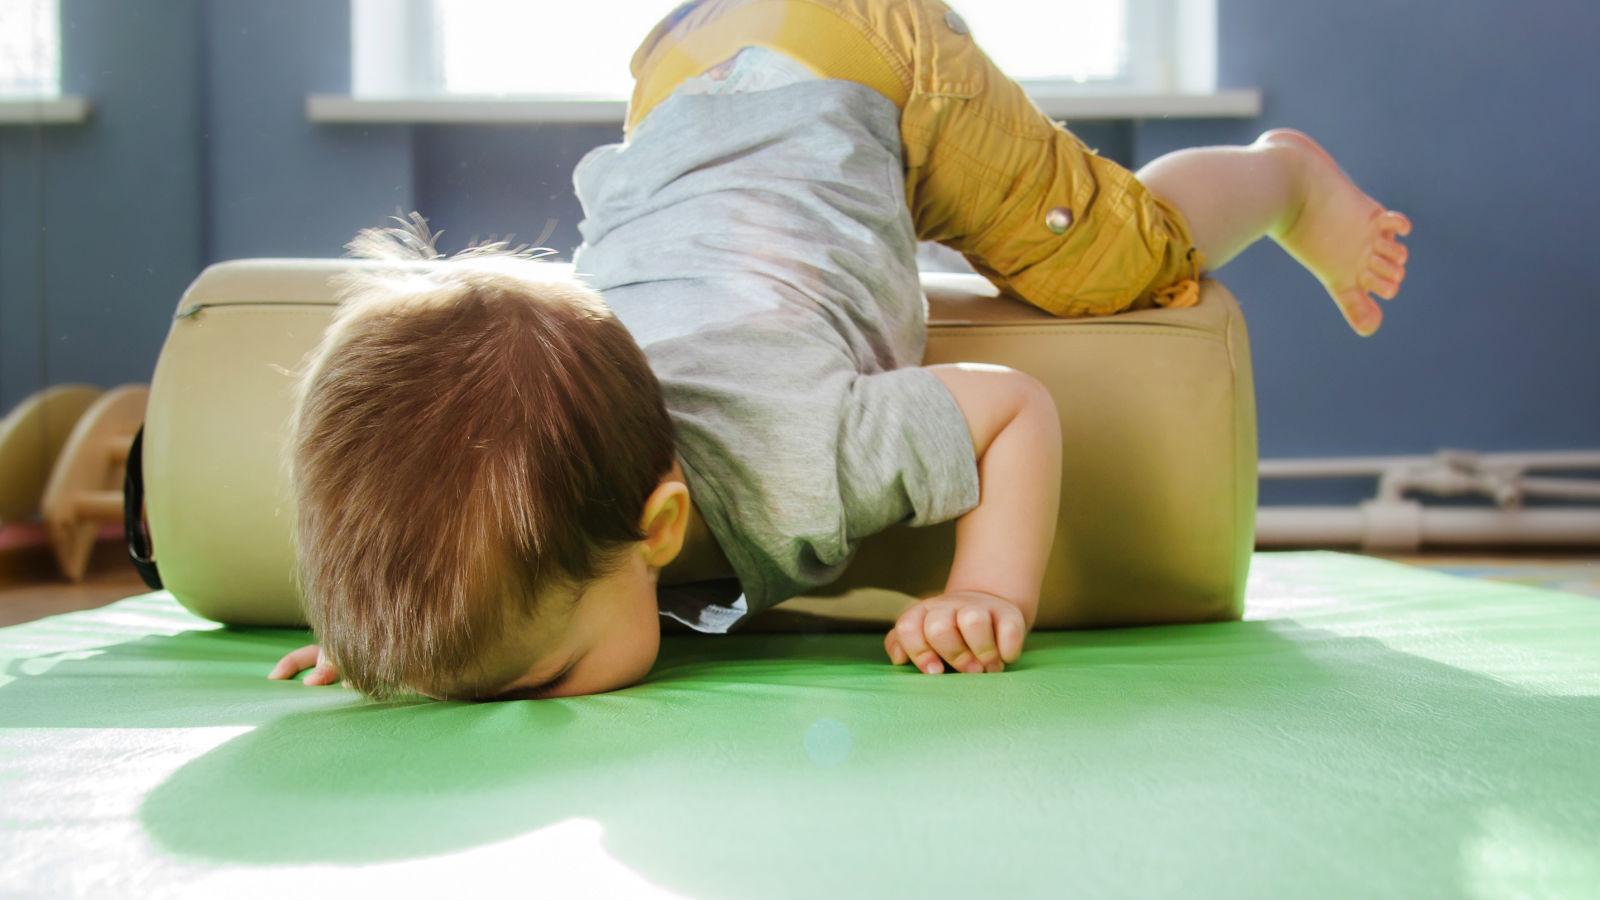 Se cayó el bebé: ¿qué debes hacer si tu bebé se cae?